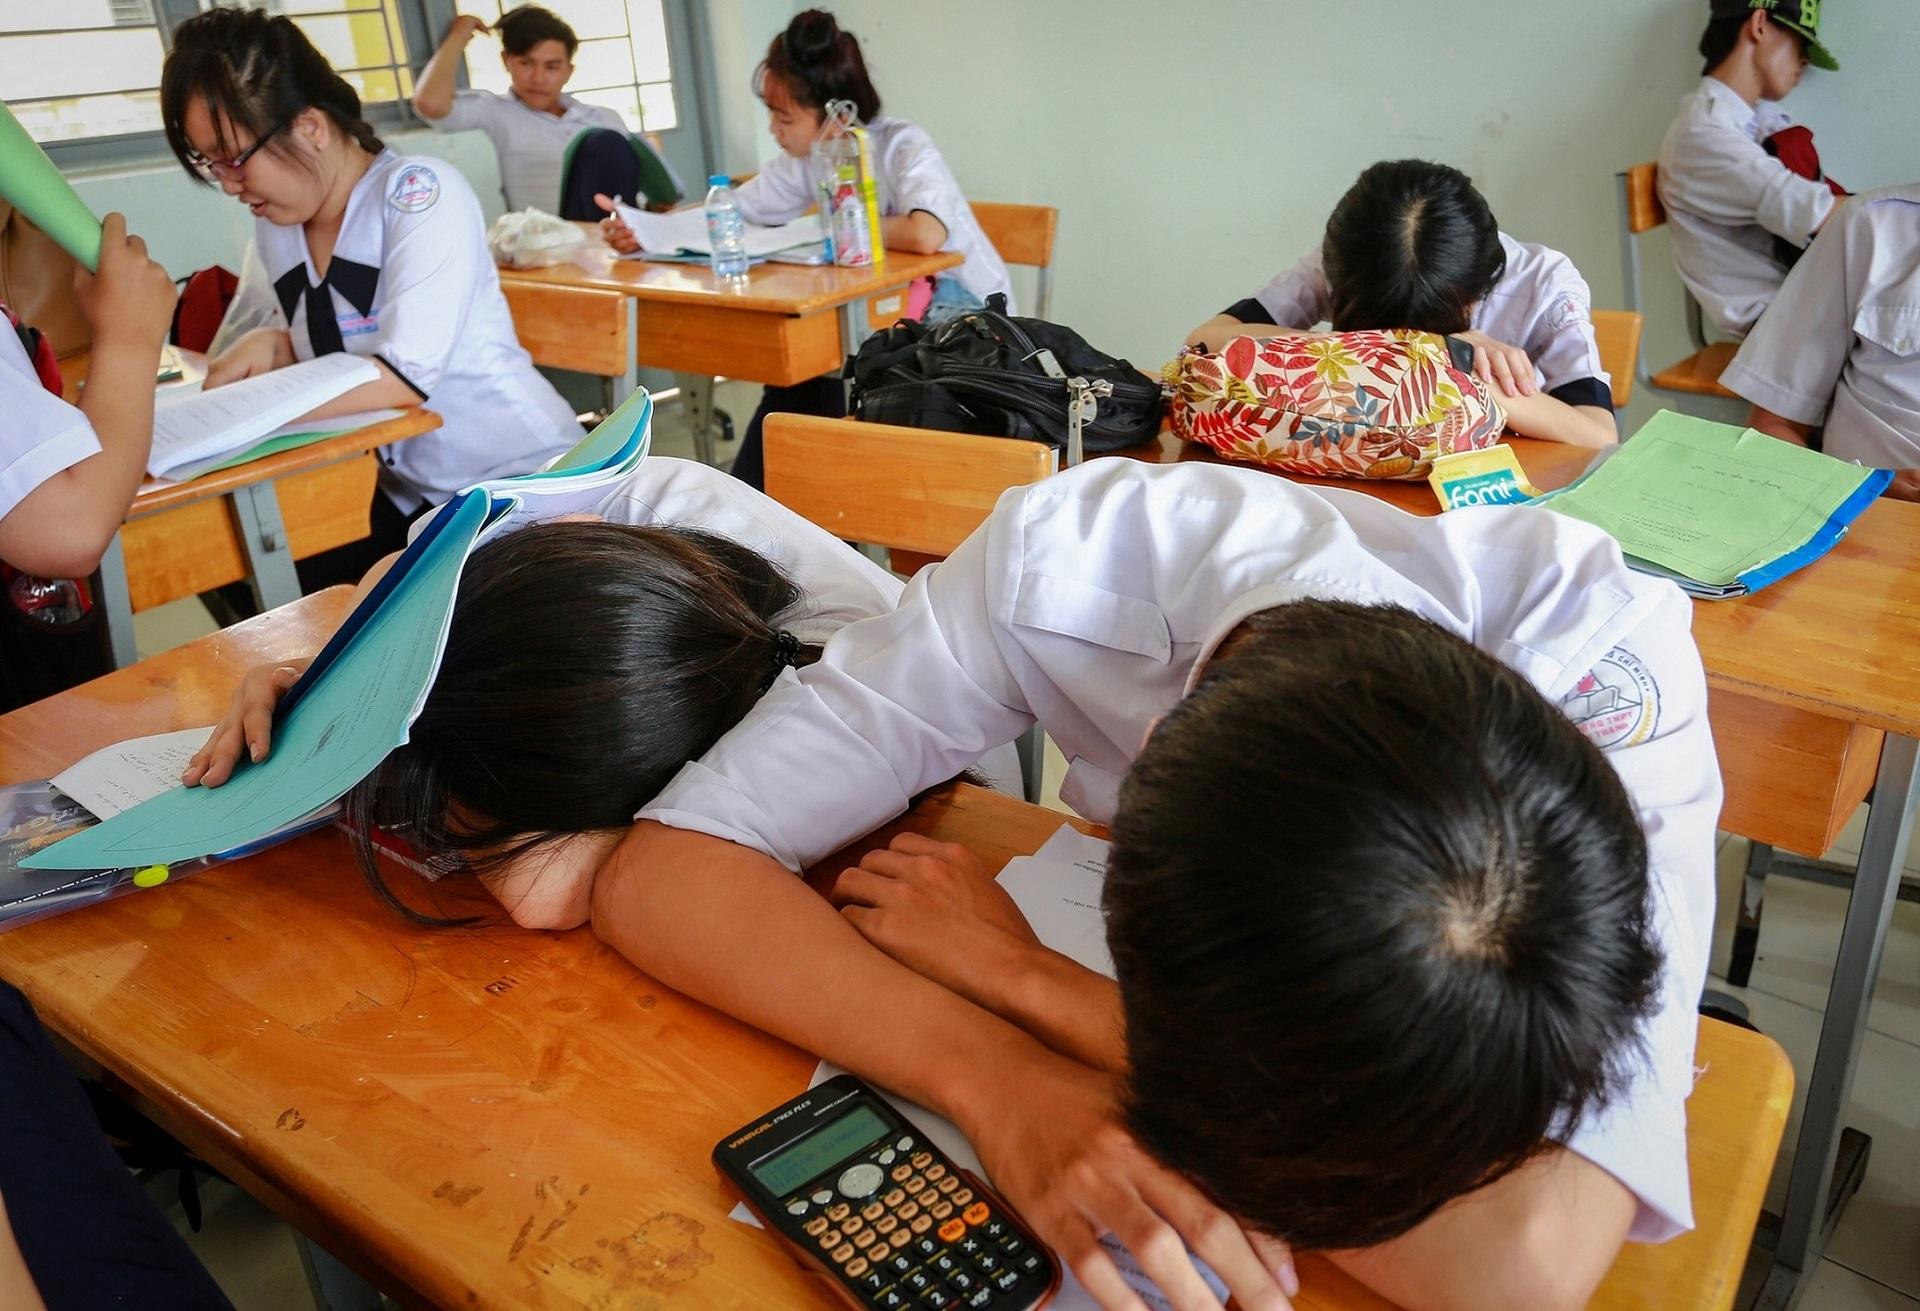 1 phần 3 học sinh tốt nghiệp trung học Việt Nam không xin vào đại học